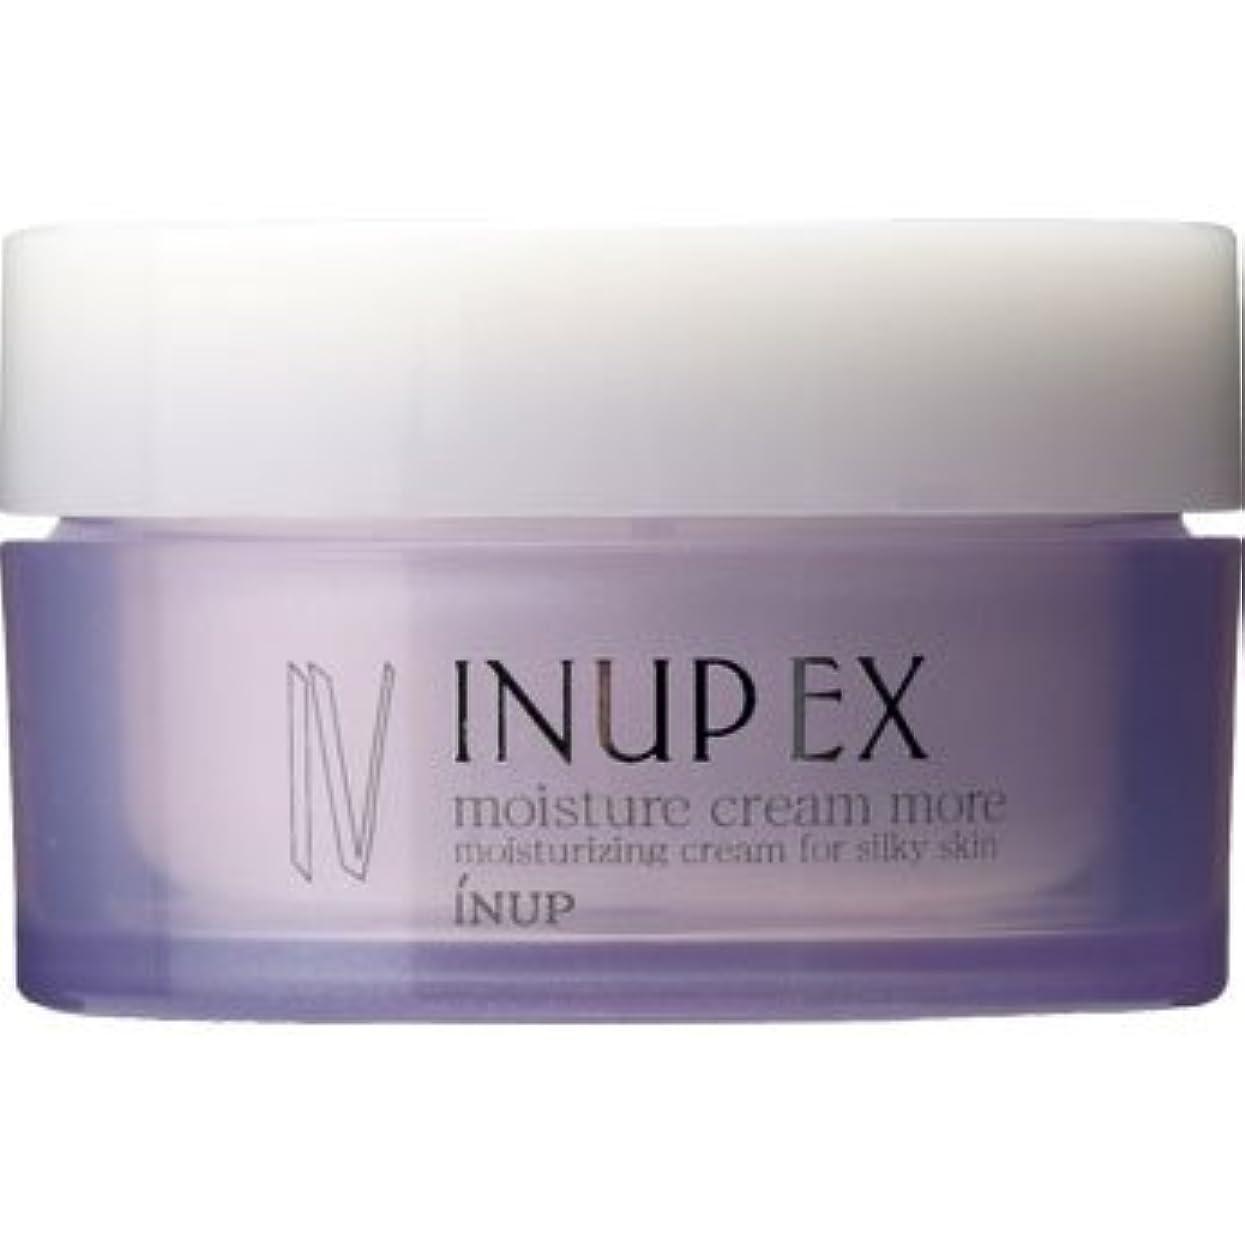 時期尚早寝てるシャイインナップEX 保湿クリーム (潤い効果アップ) モイスチャークリーム MD (スパチュラ付)[弱酸性] 30g